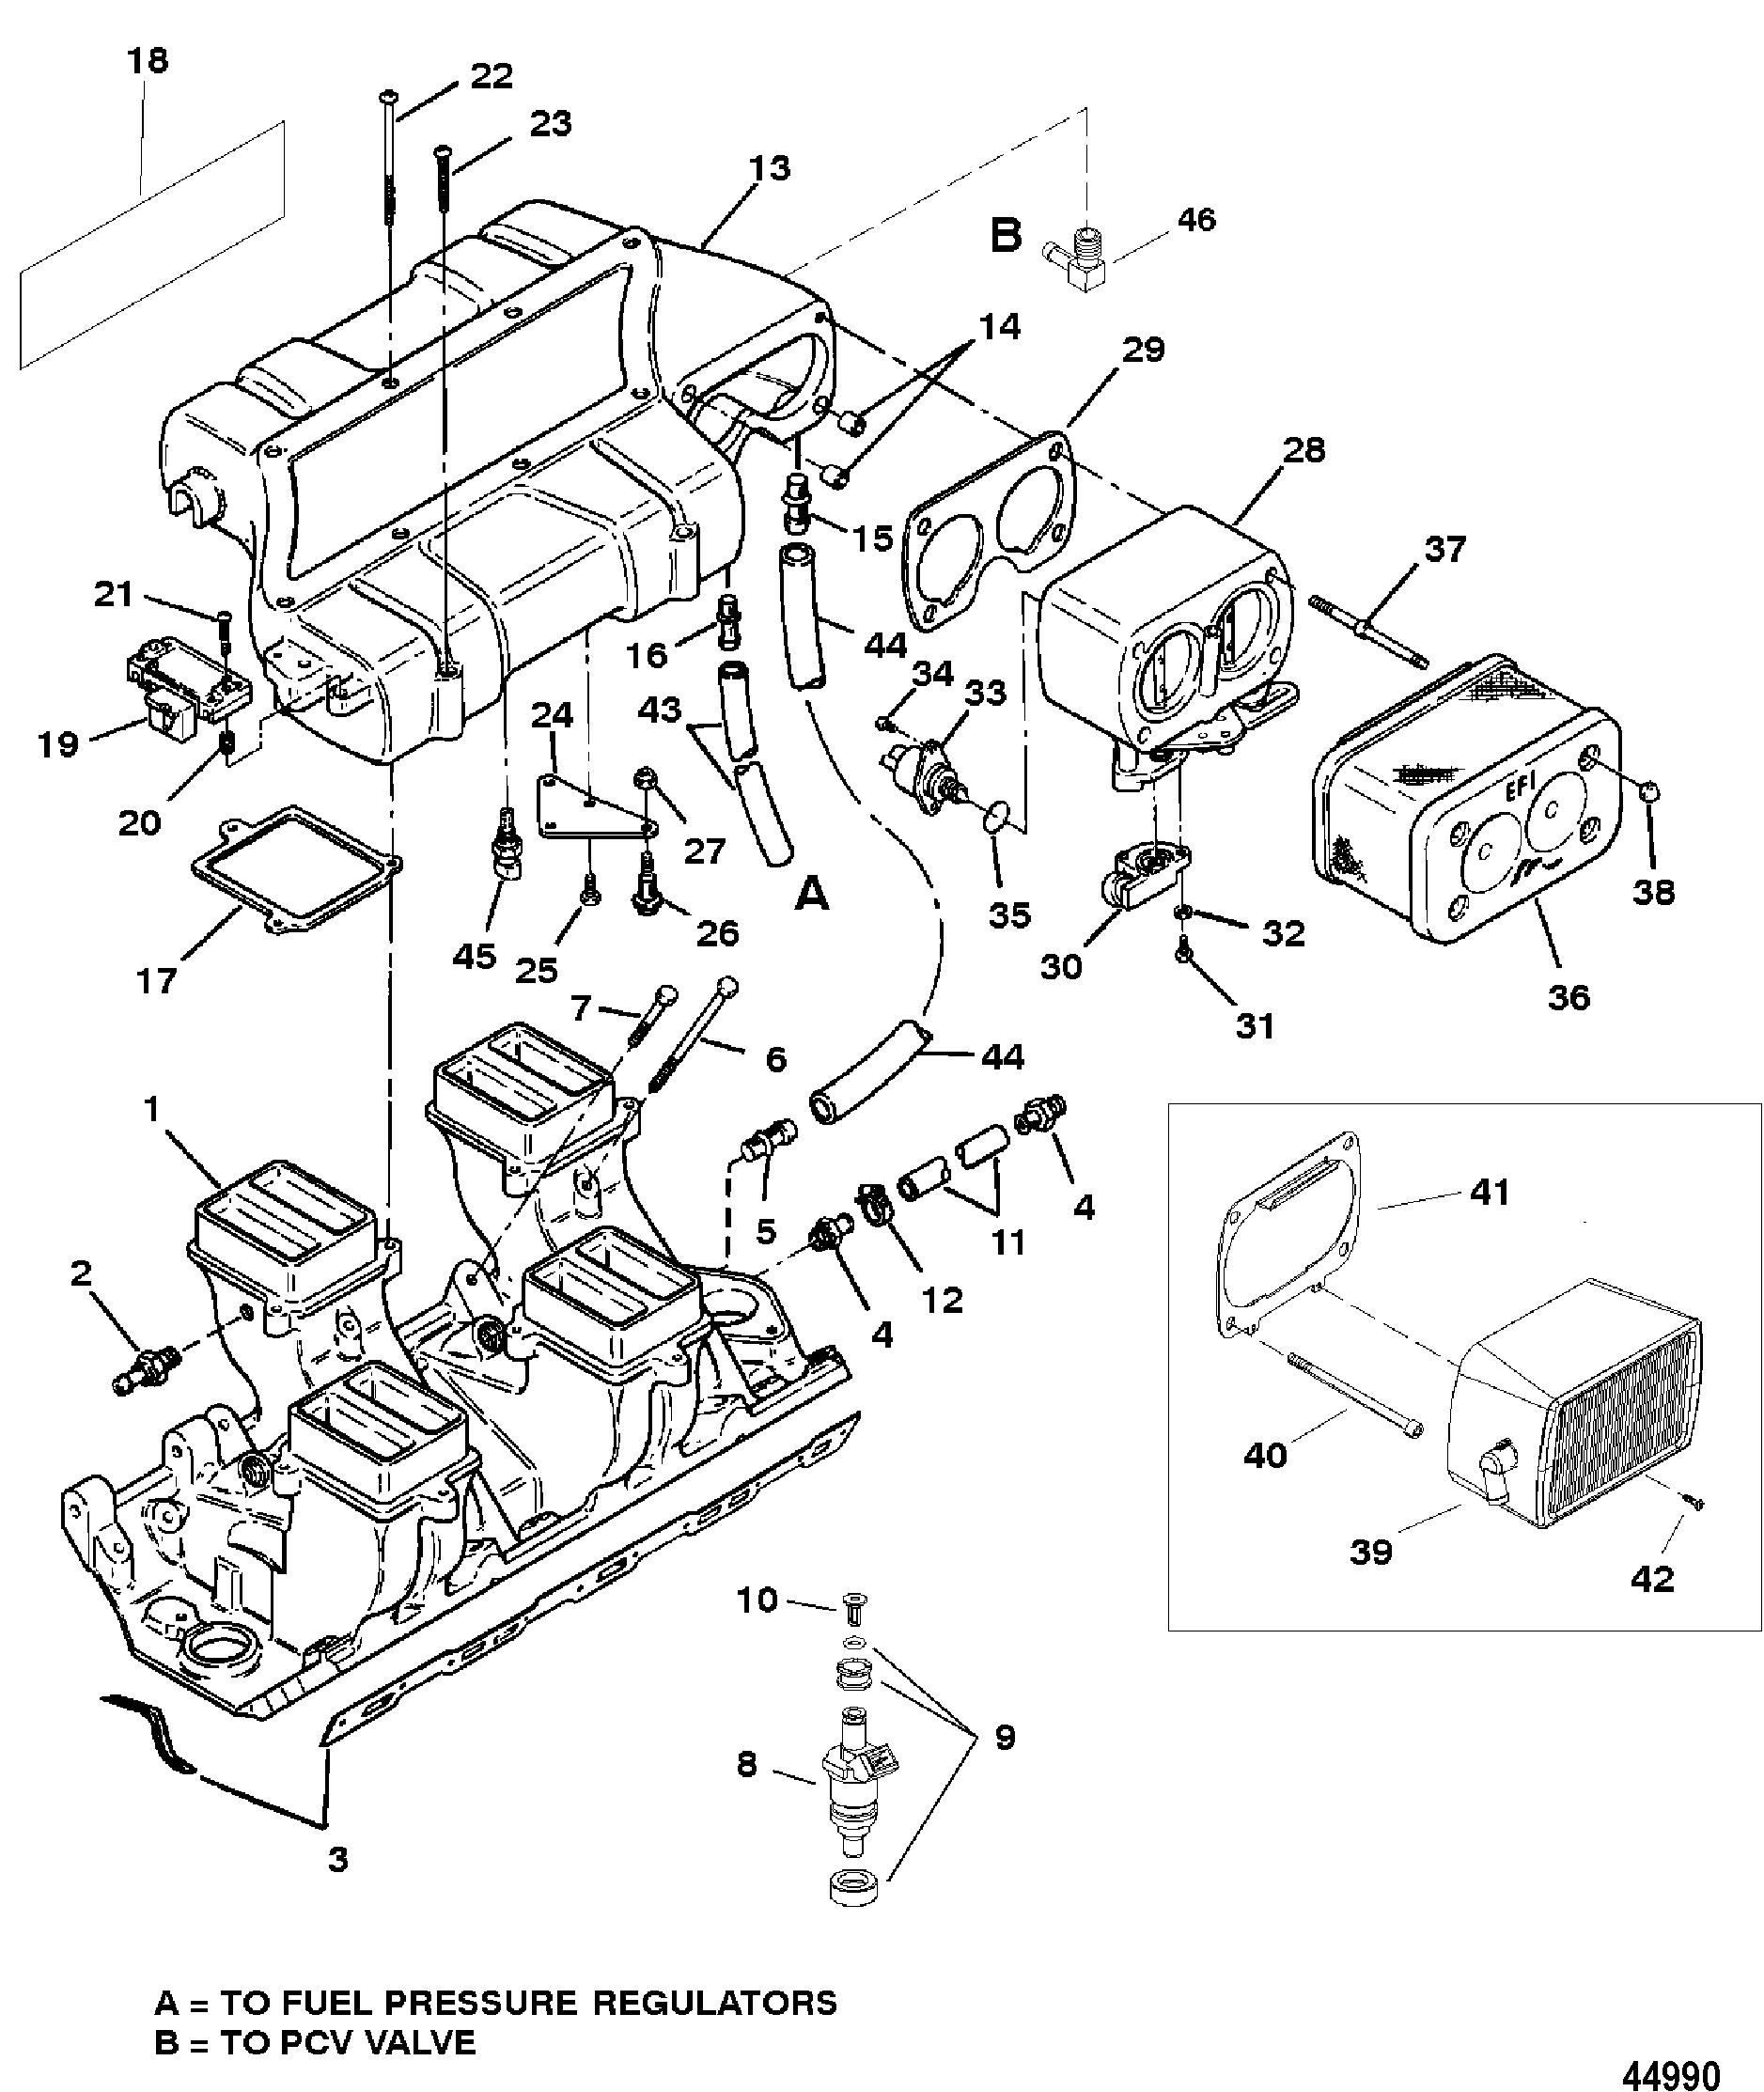 intake manifold and intake plenum for mercruiser 7 4 lx